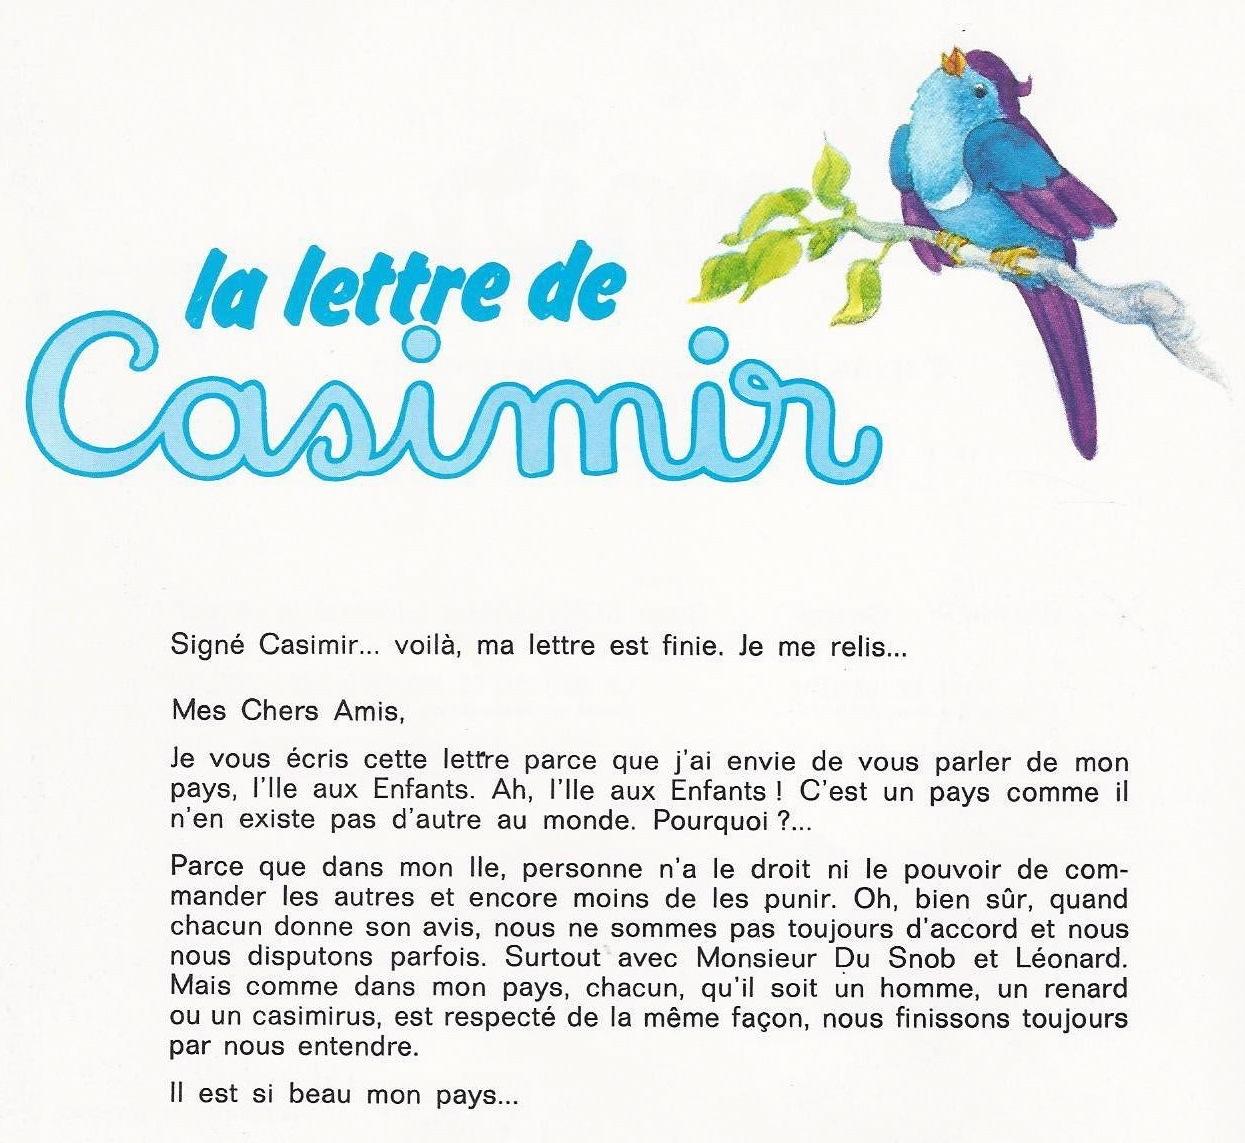 http://grenierdelatv.free.fr/2/lettrecasimir01.jpg